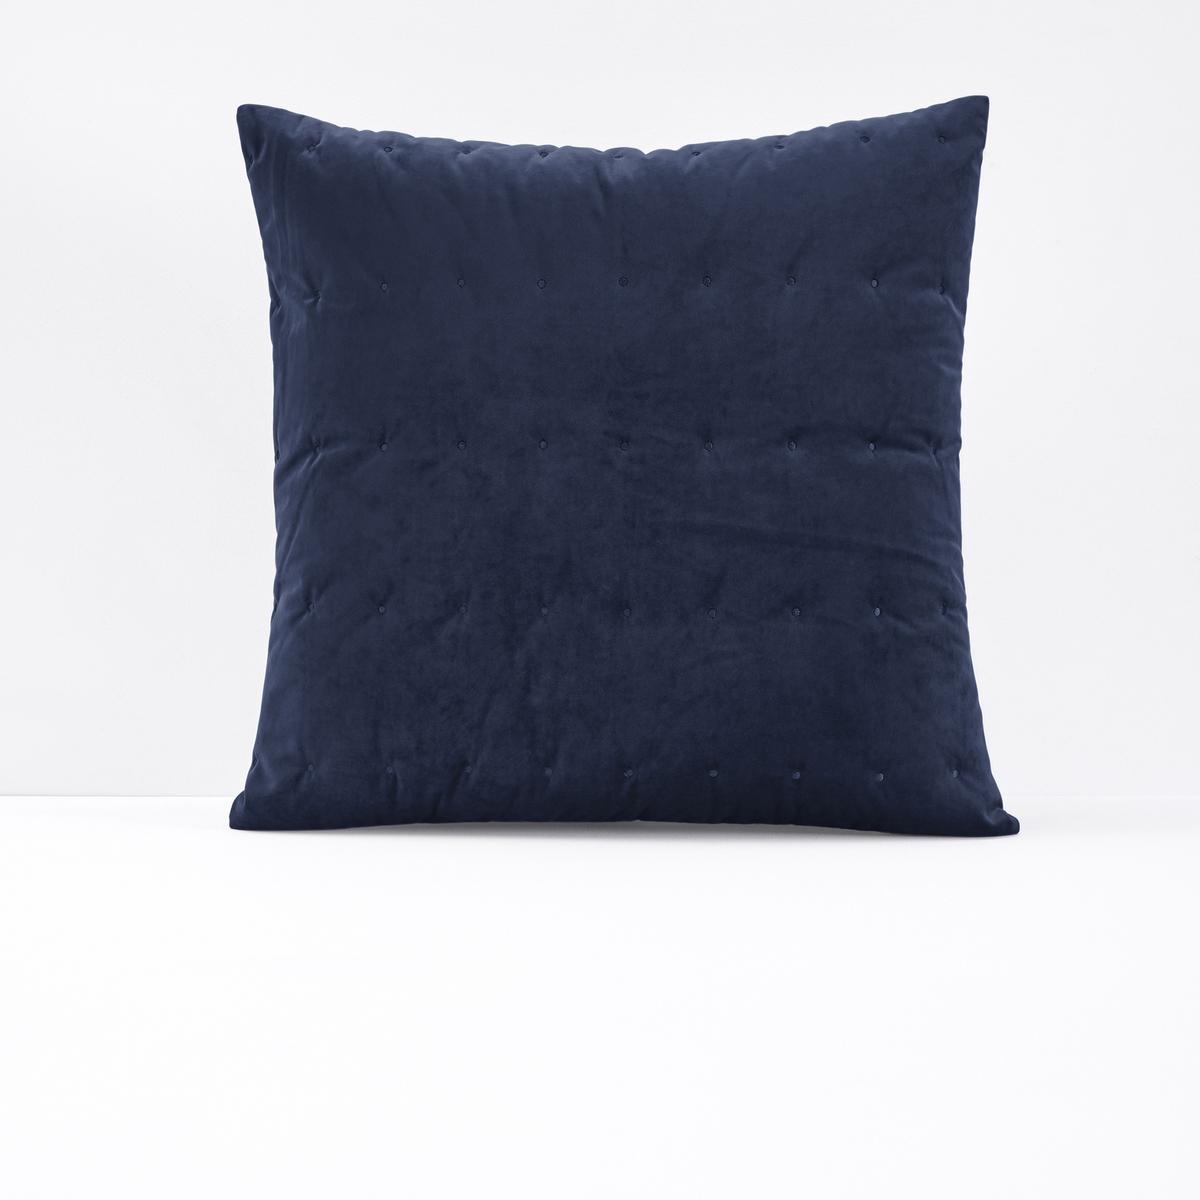 Чехол на подушку из велюра с вышивкой PETIPON. кресло низкое и широкое в винтажном стиле из велюра с бахромой ramona